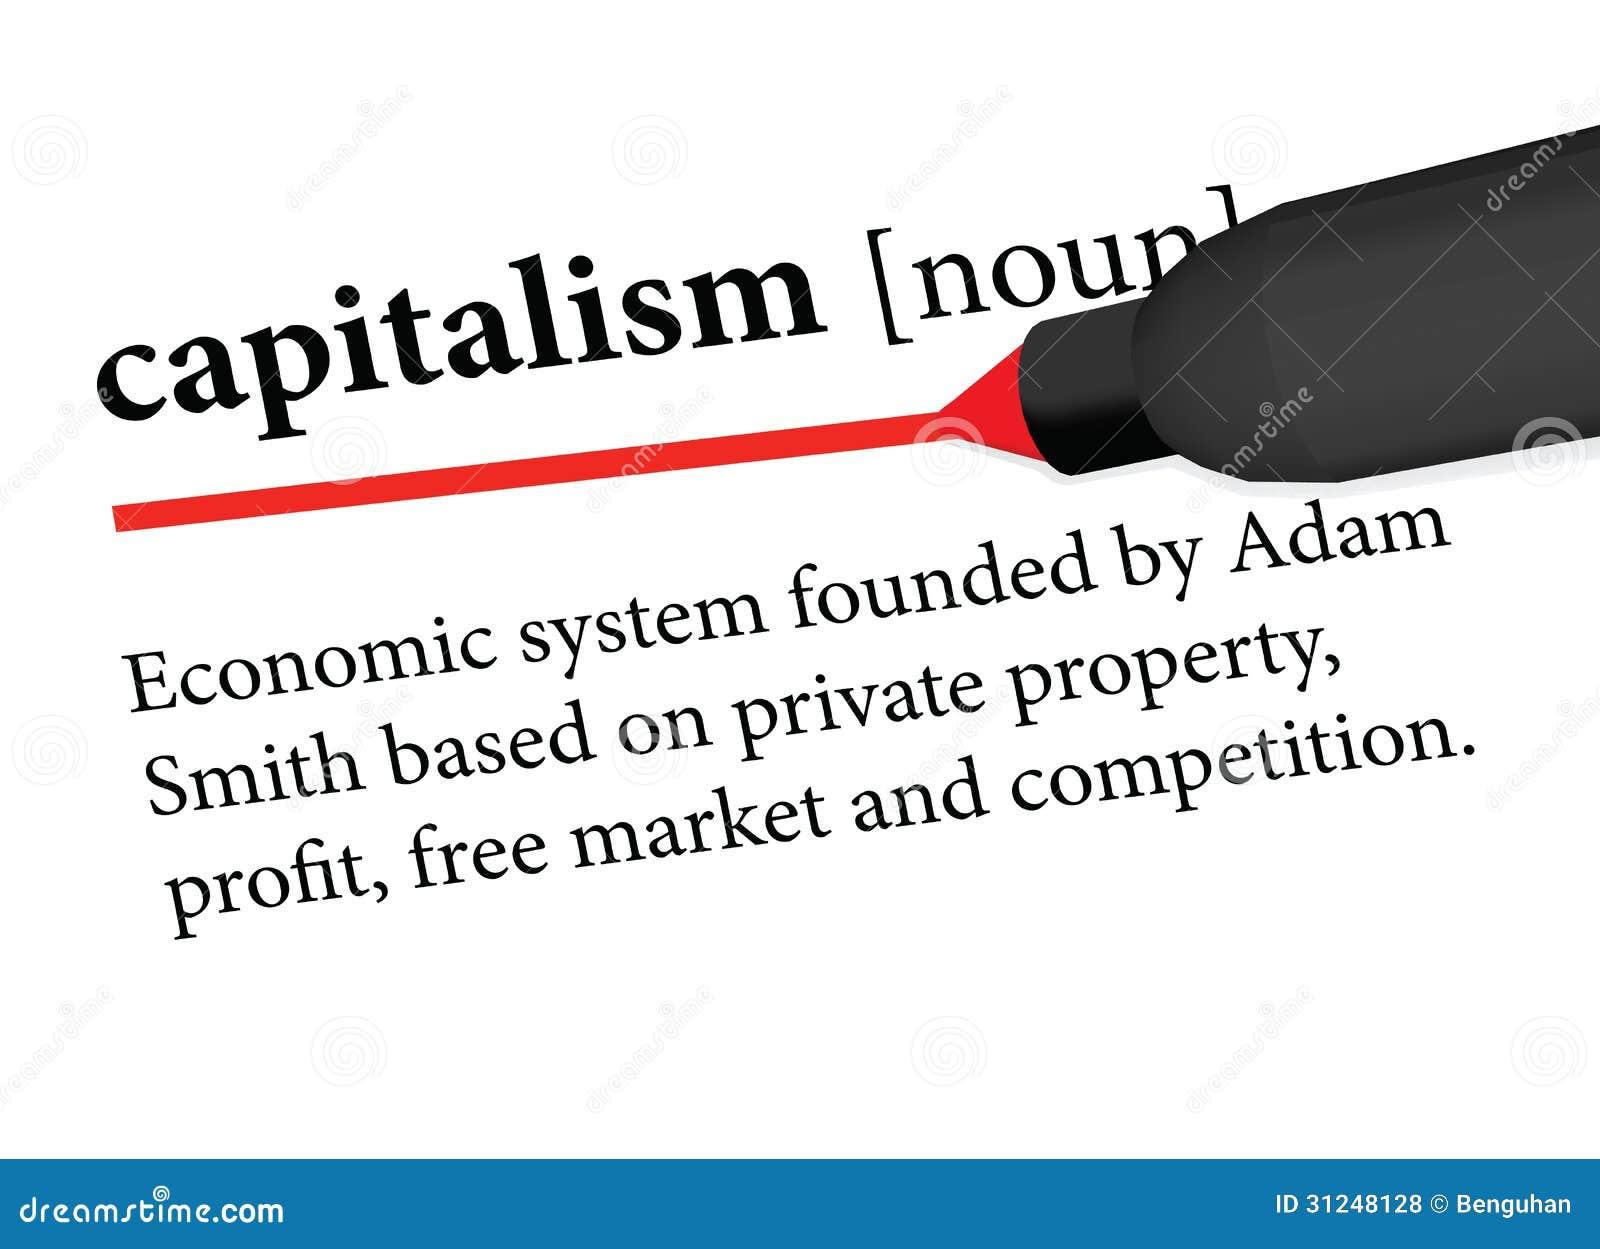 Adam Smith Private Property